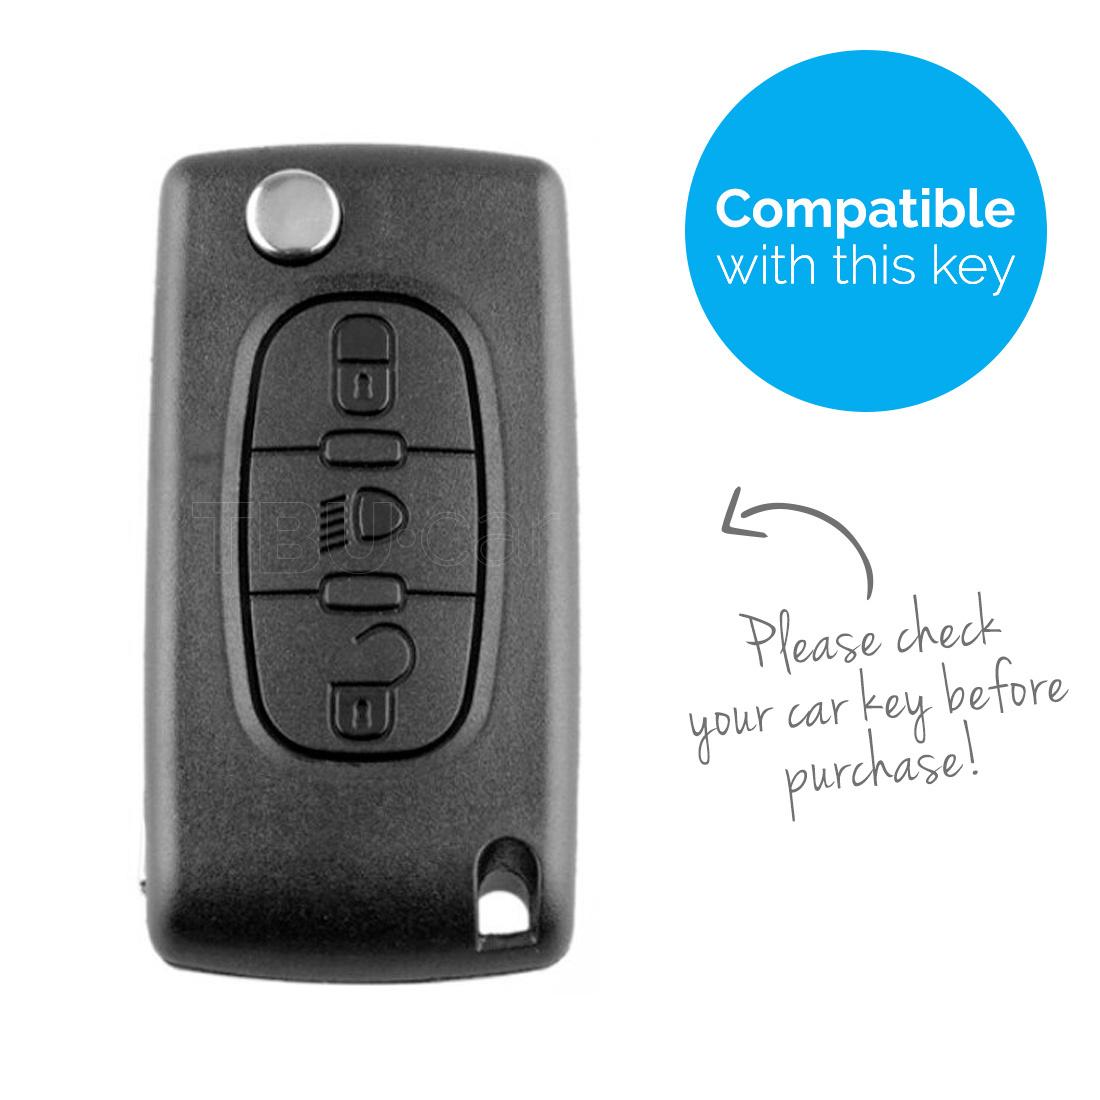 TBU car Autoschlüssel Hülle für Citroën 3 Tasten (Licht Taste) - Schutzhülle aus Silikon - Auto Schlüsselhülle Cover in Lindgrün